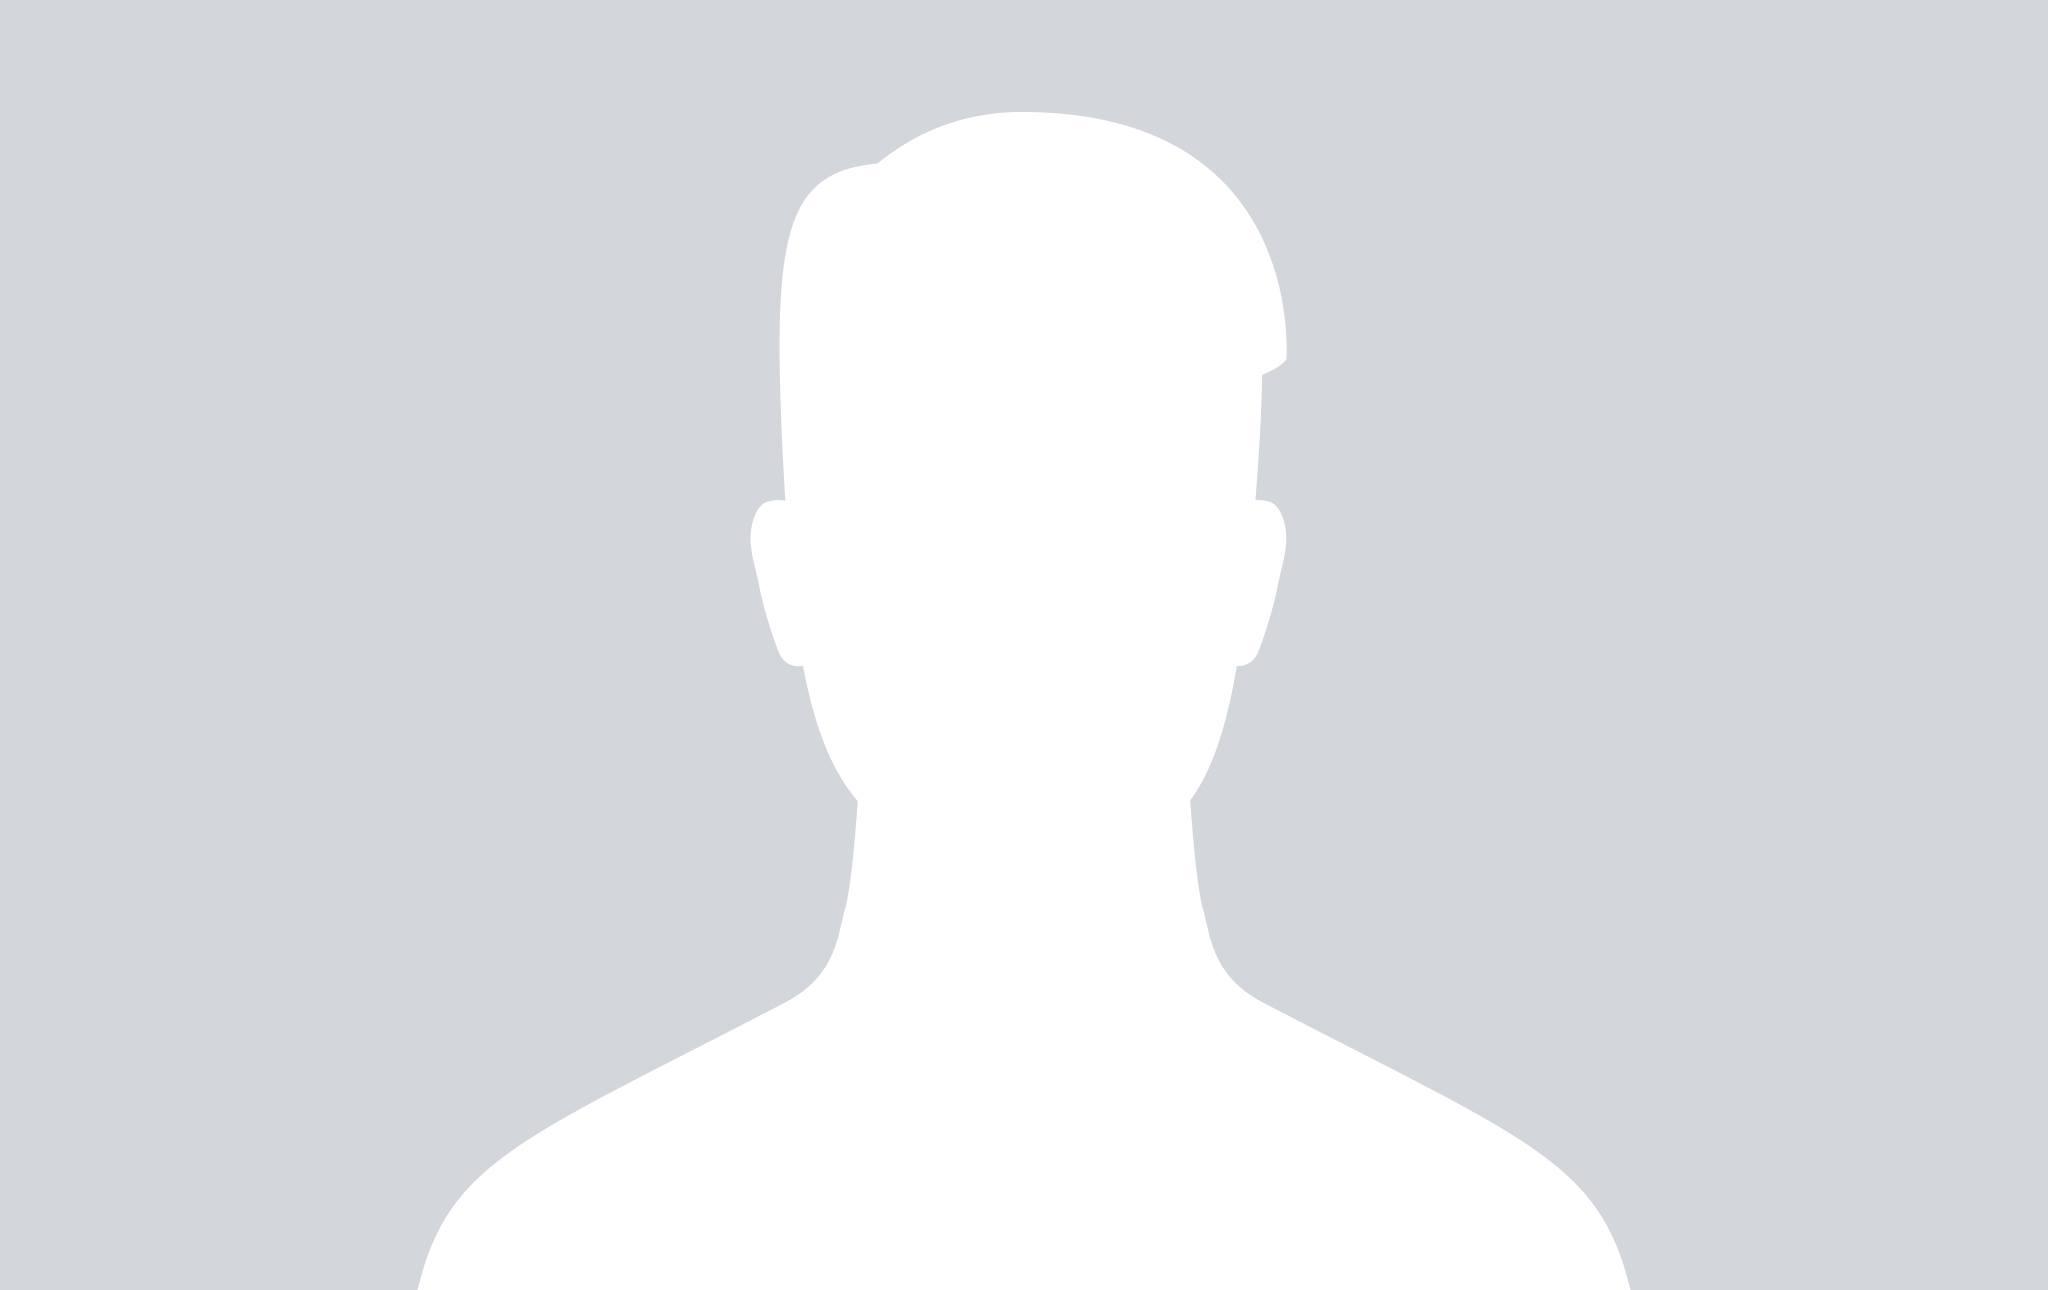 https://d2yht872mhrlra.cloudfront.net/user/136629/user_136629.jpg